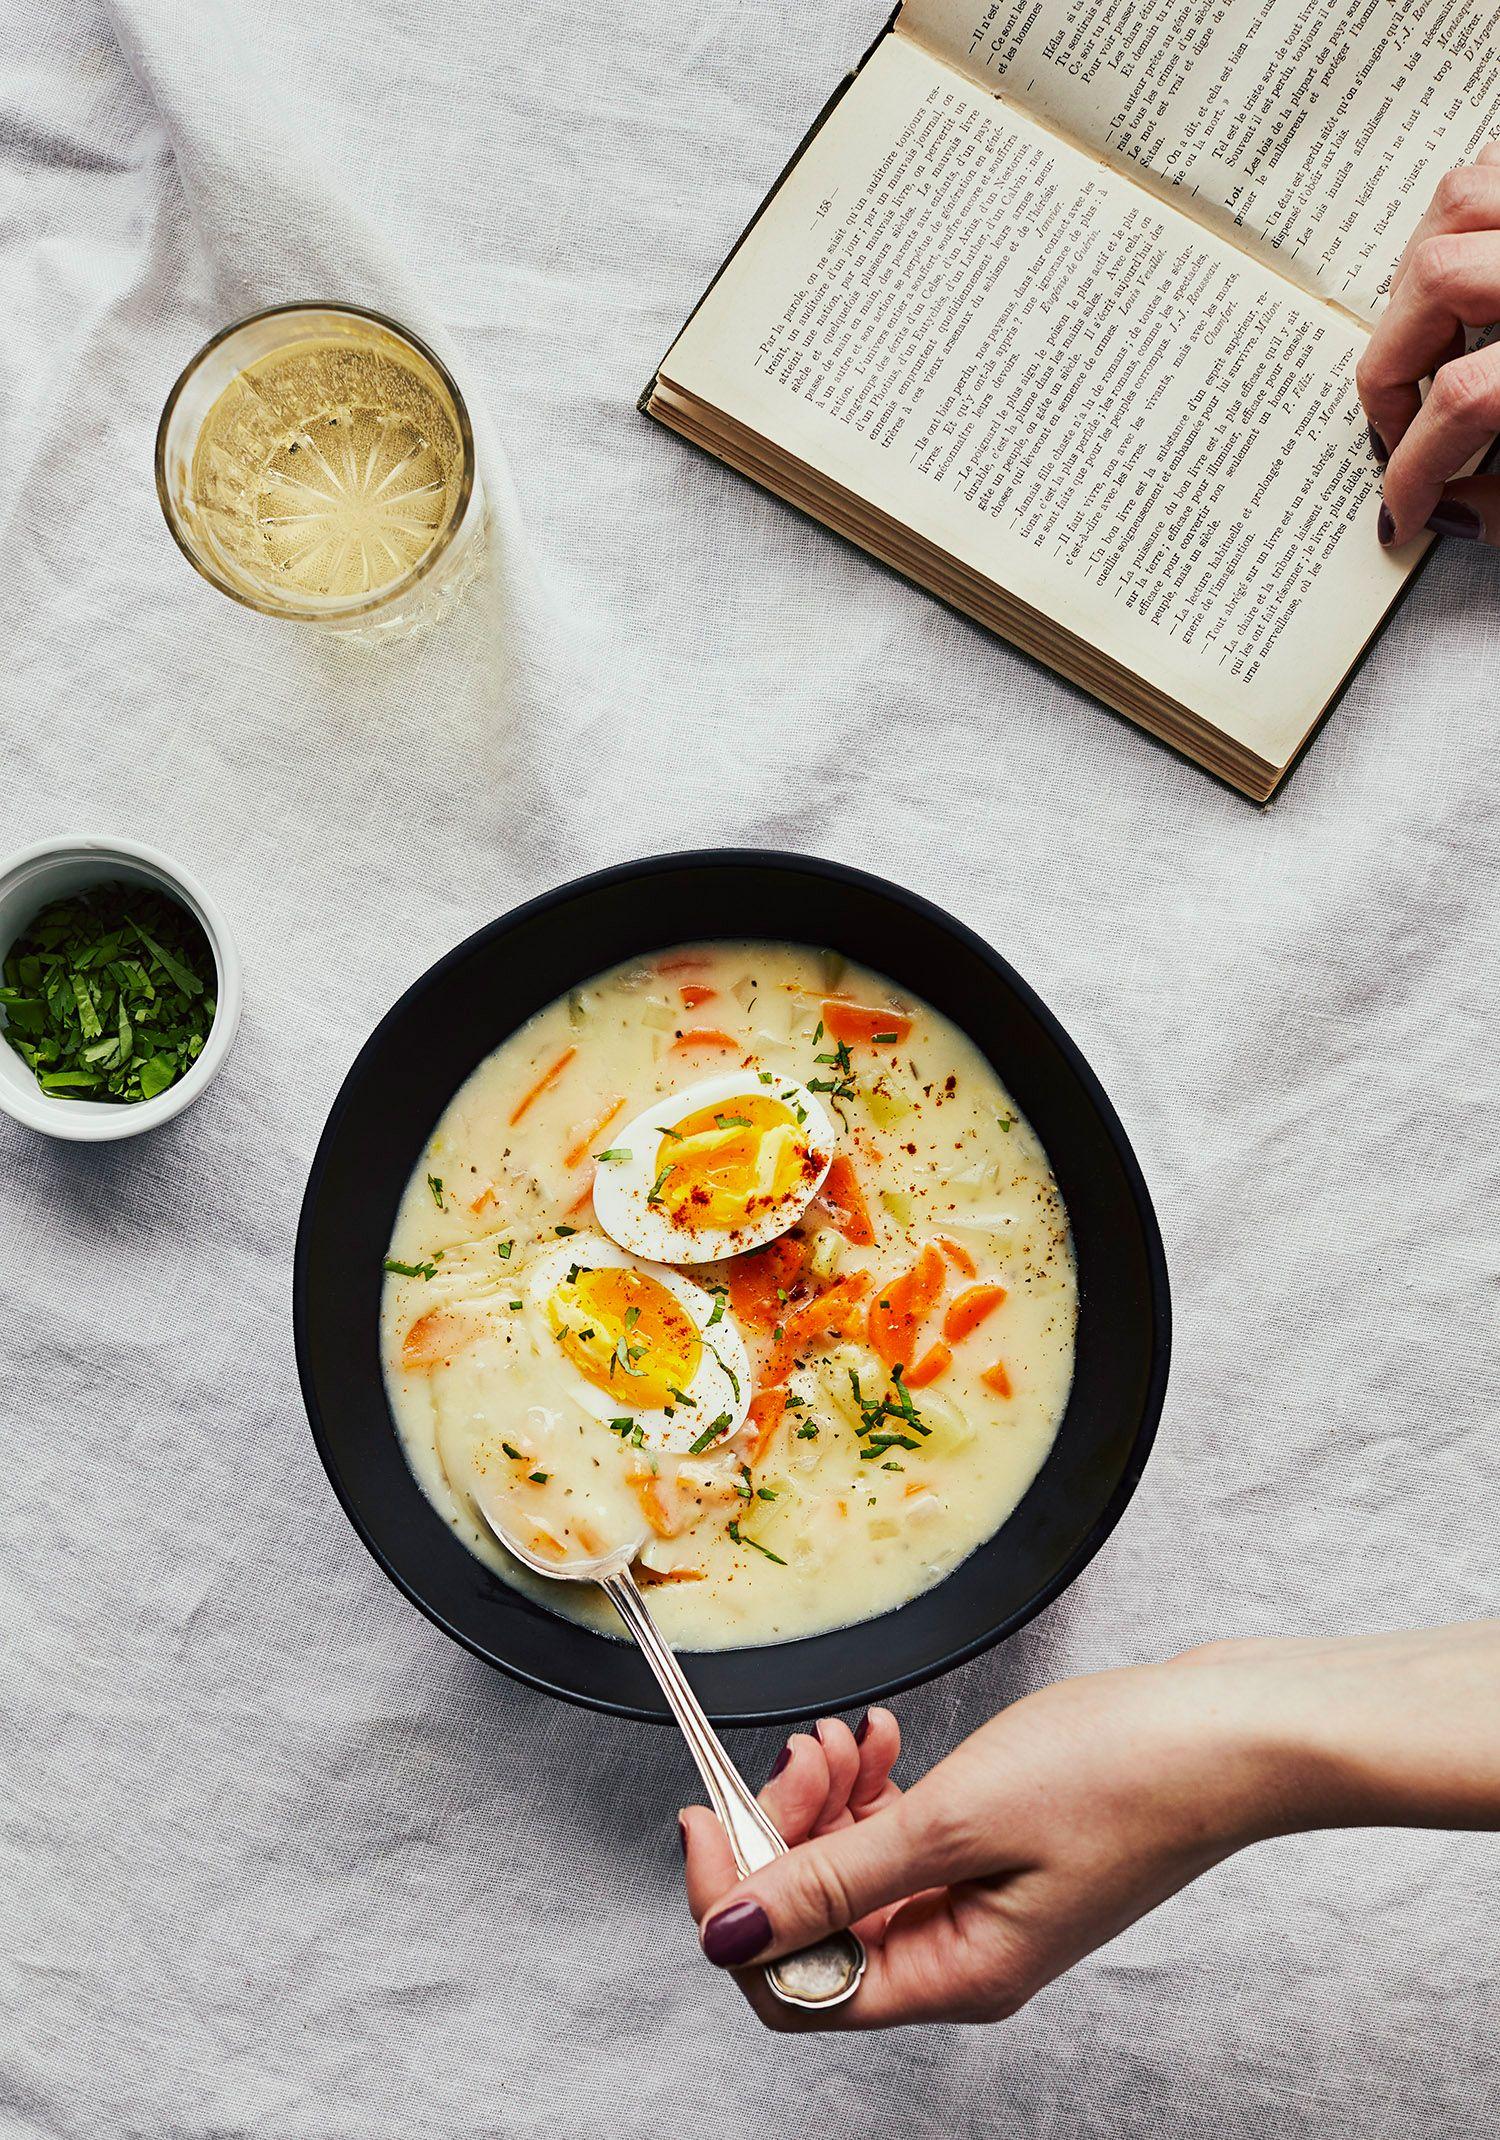 Soupe-repas aux légumes pour 1 personne